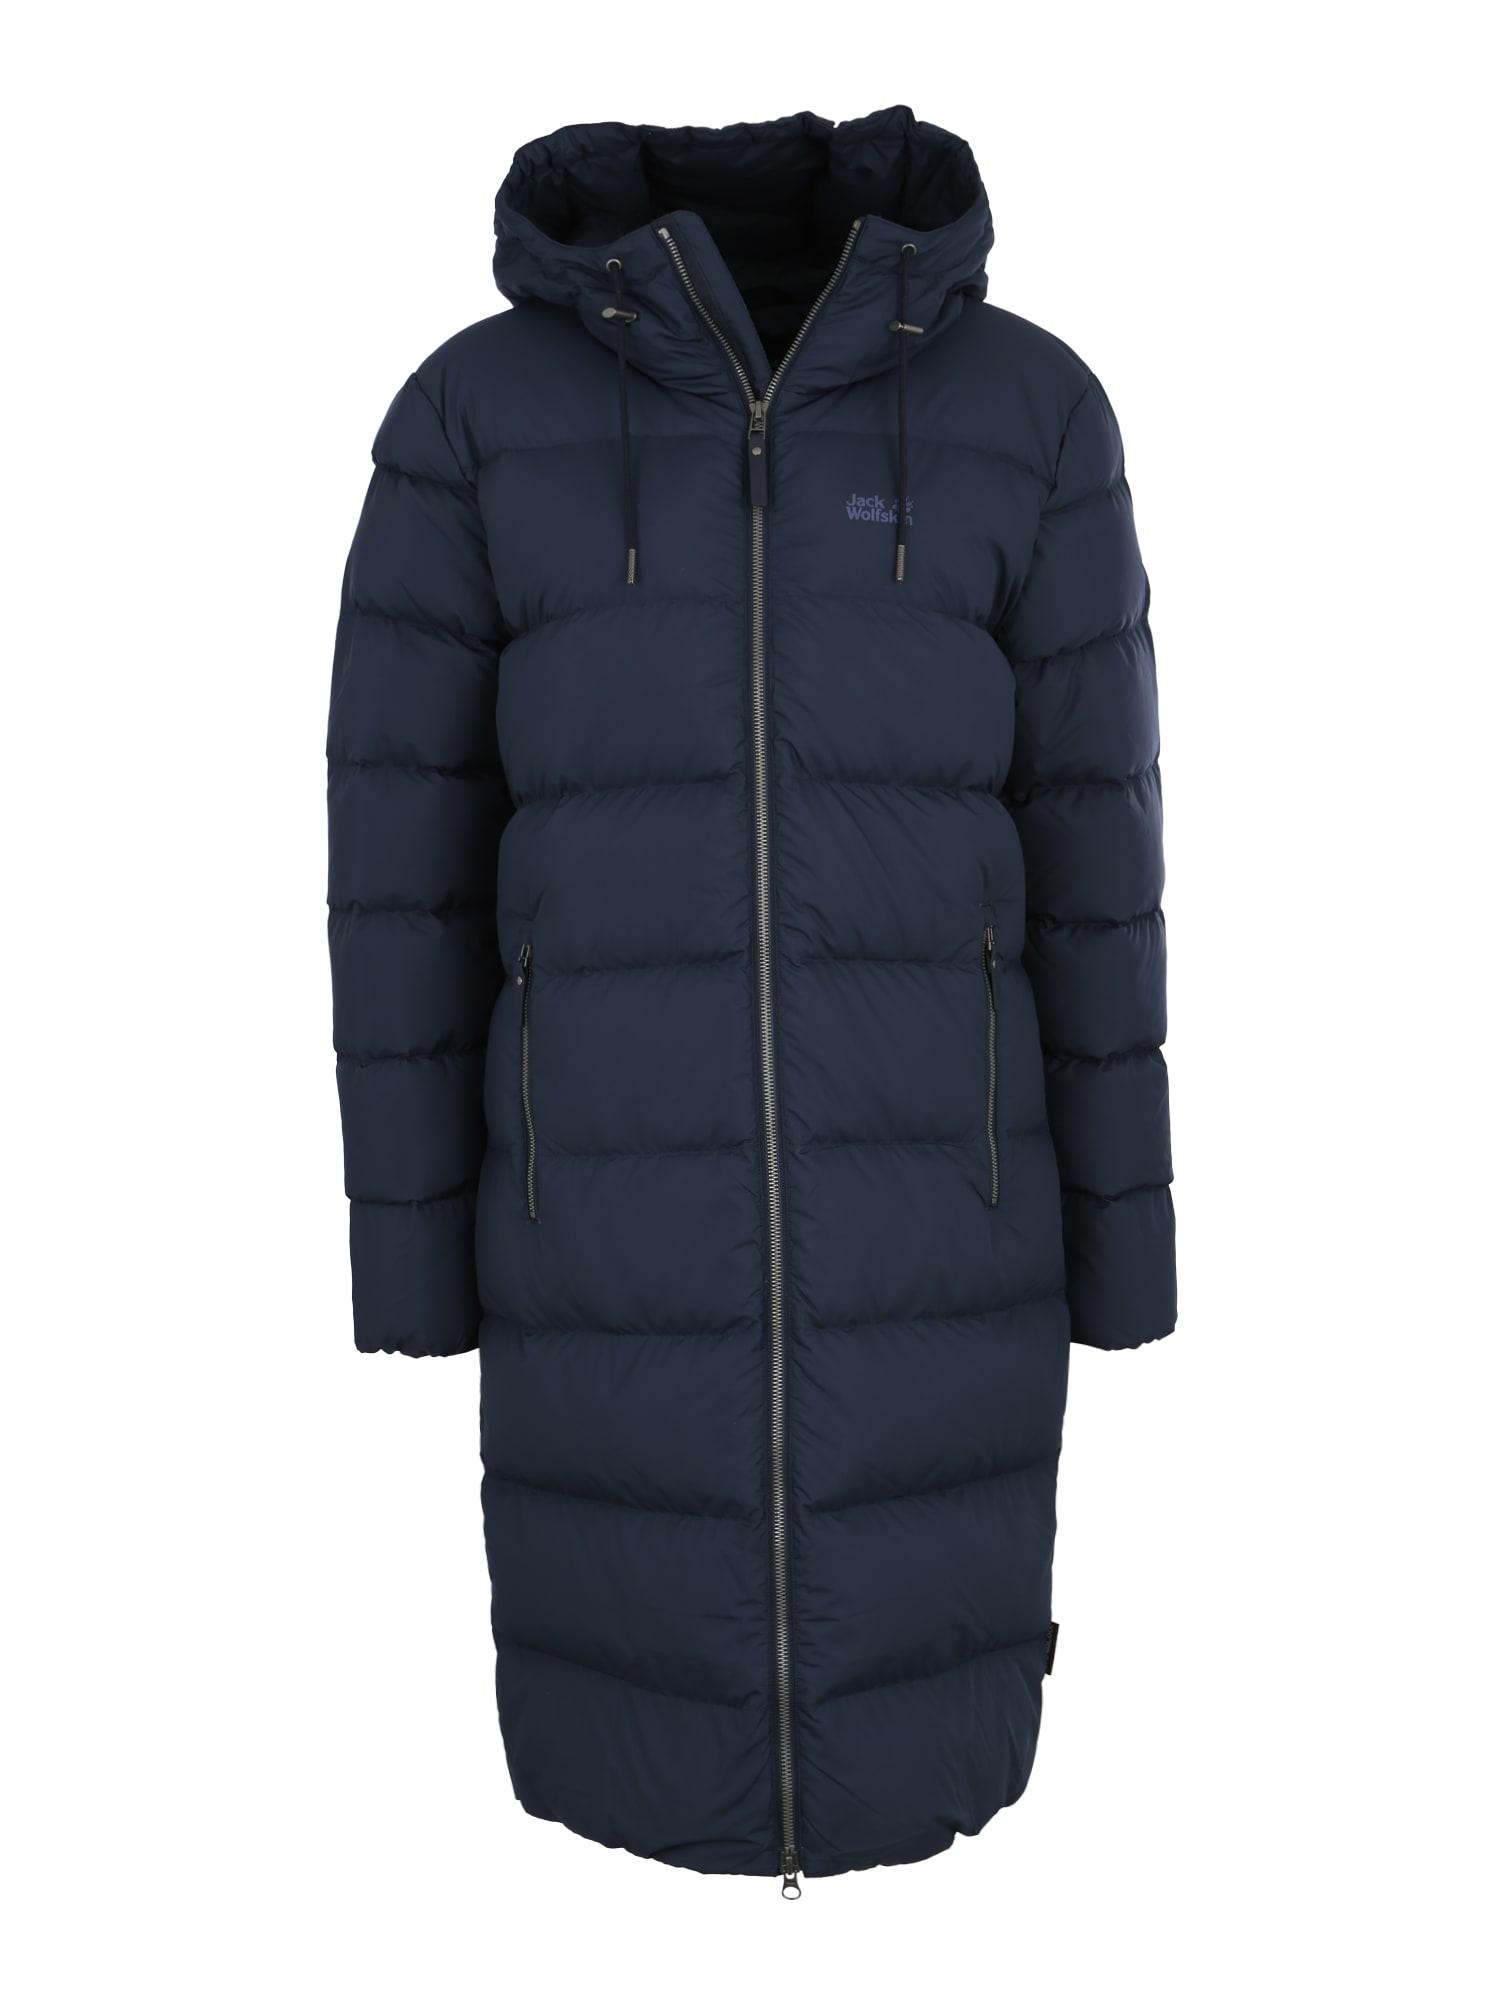 Outdoorový kabát CRYSTAL PALACE tmavě modrá JACK WOLFSKIN